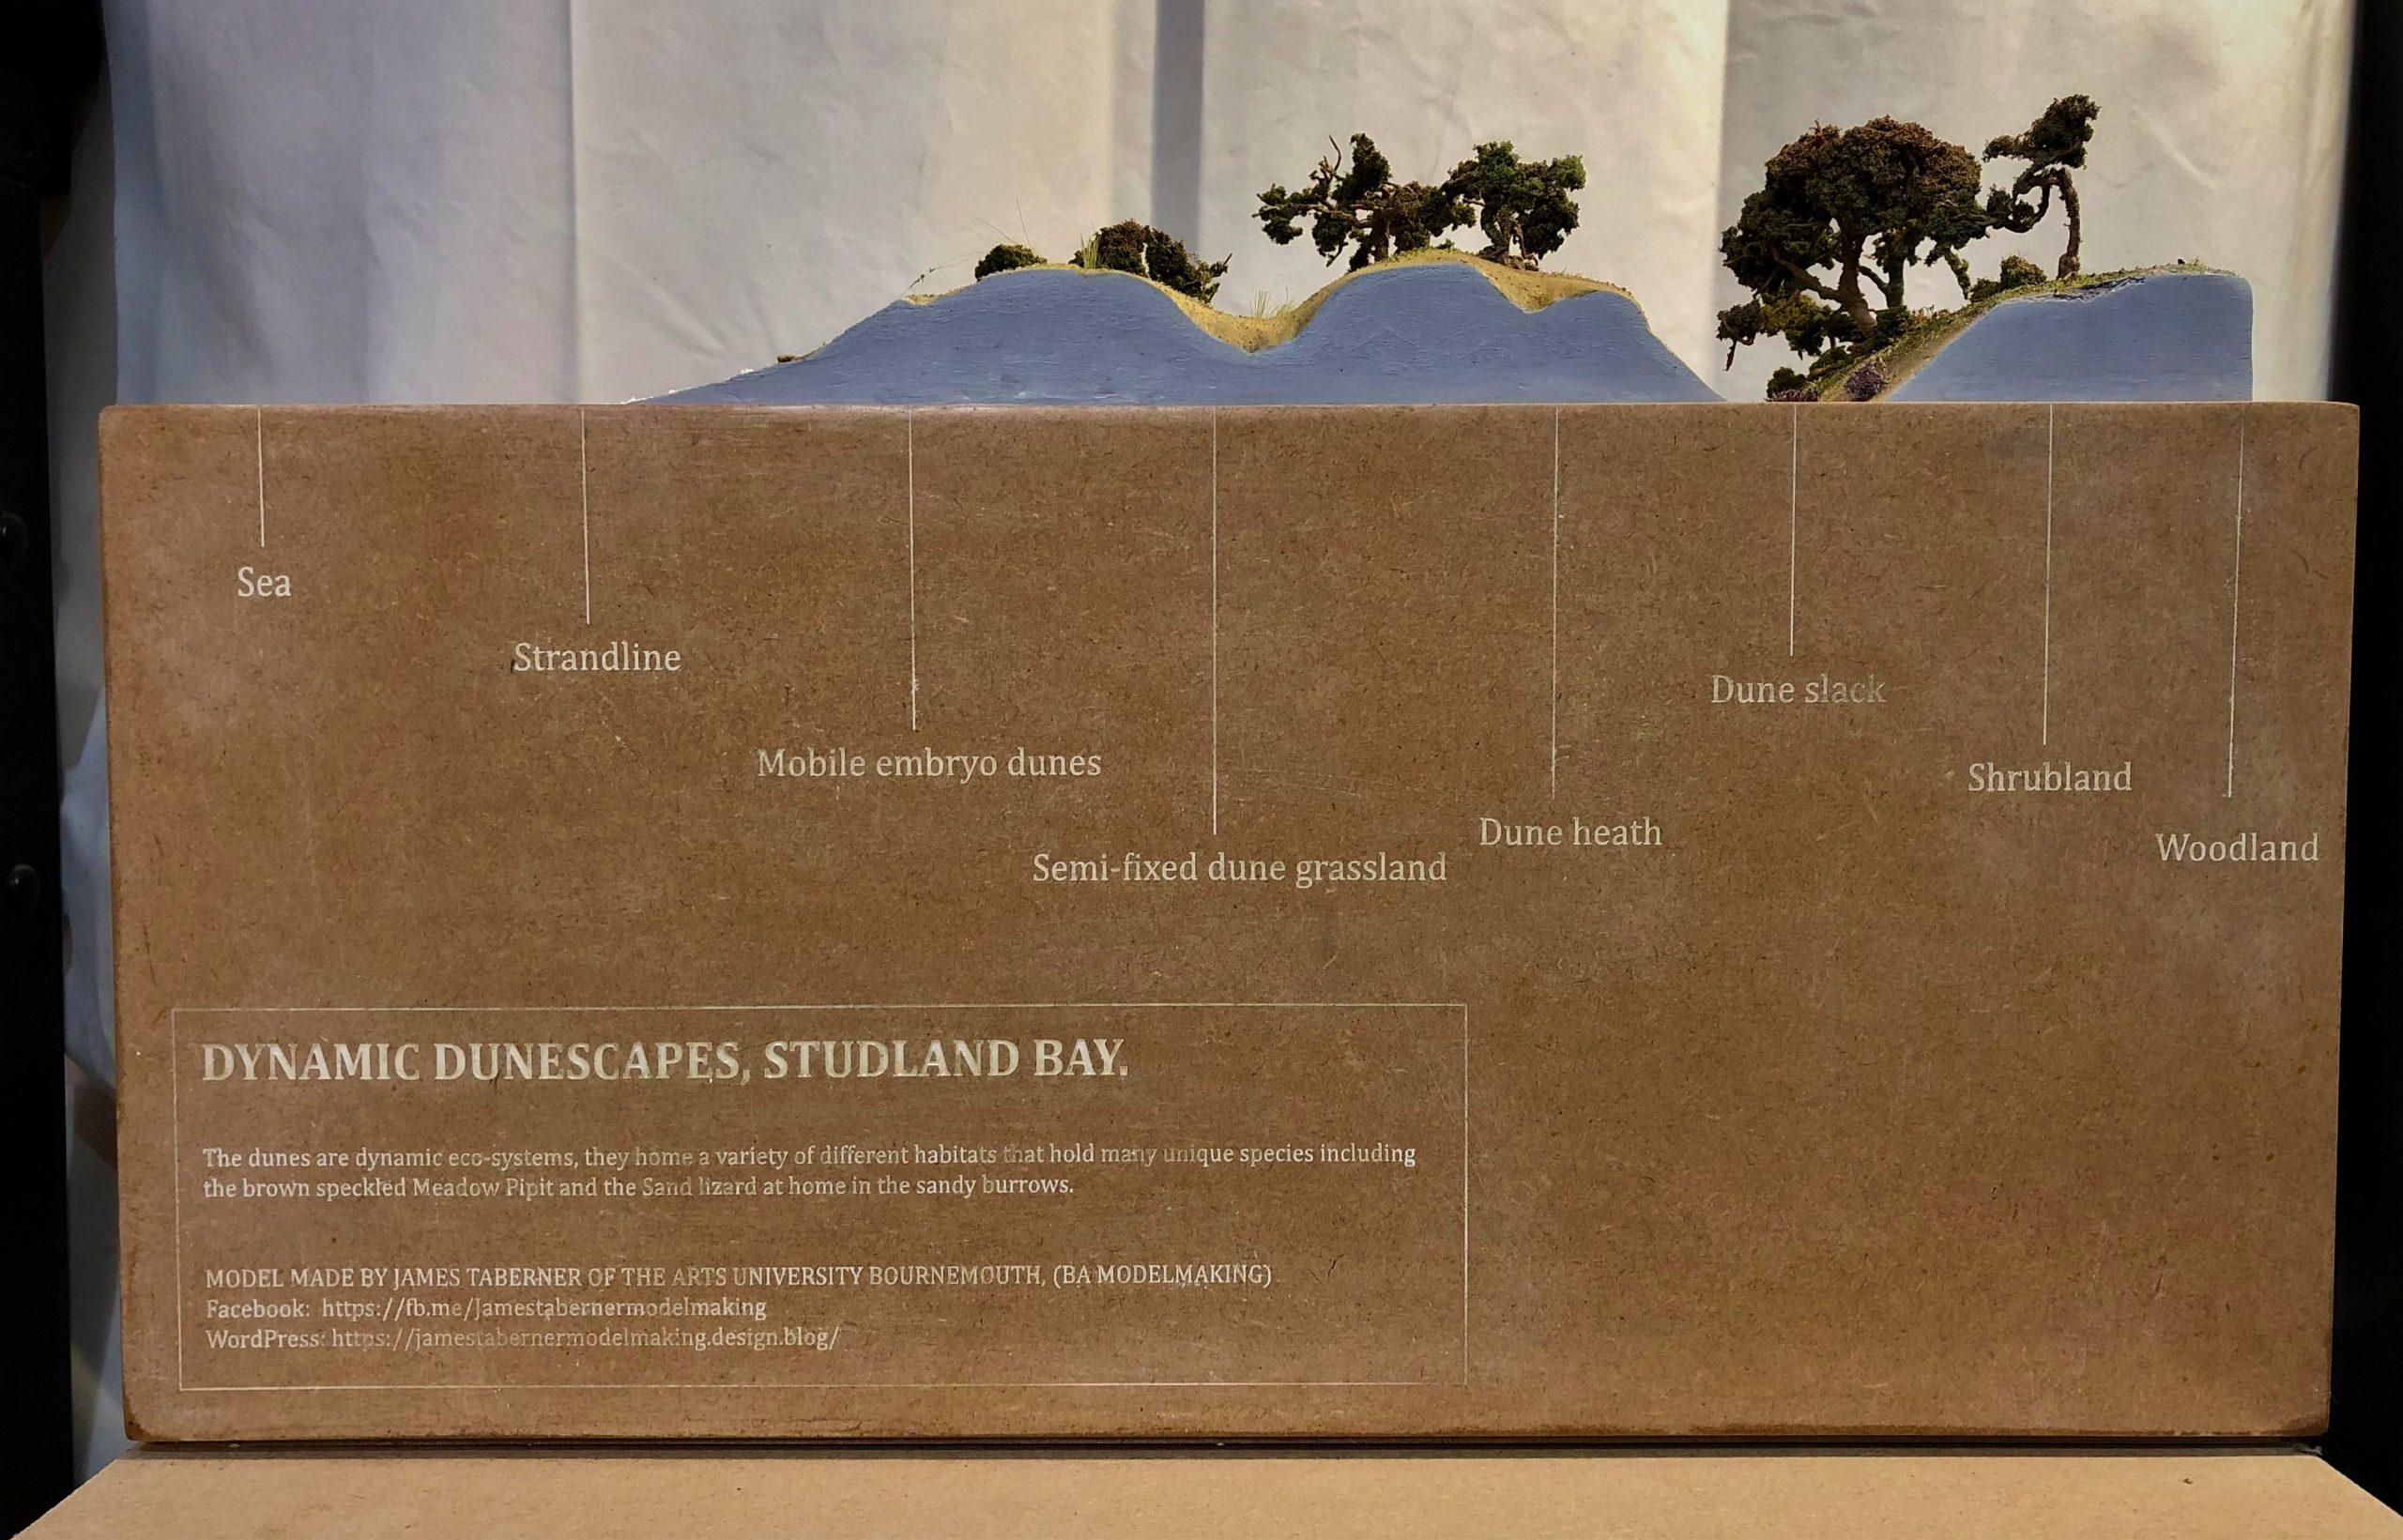 Dunescape front image (2)